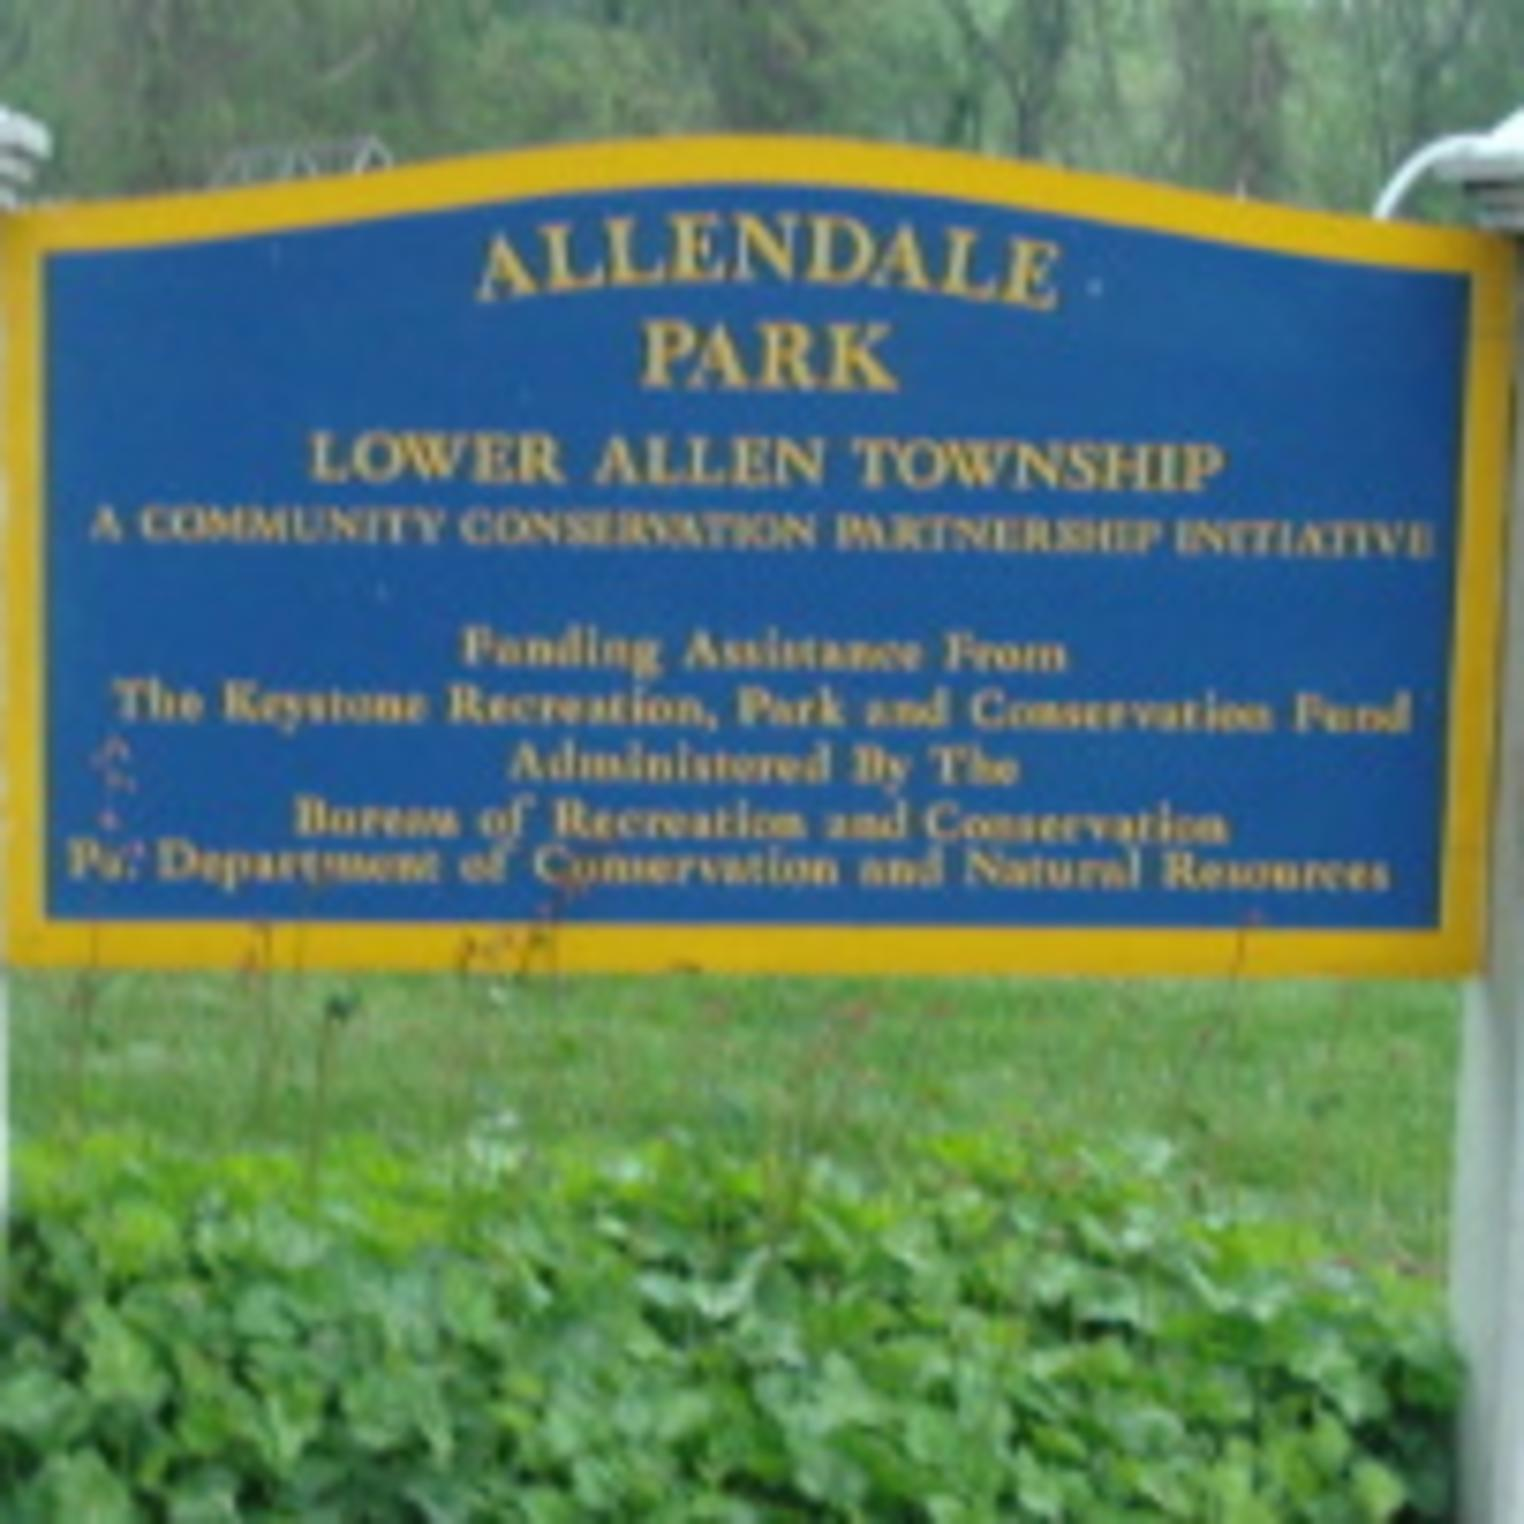 Allendale Park